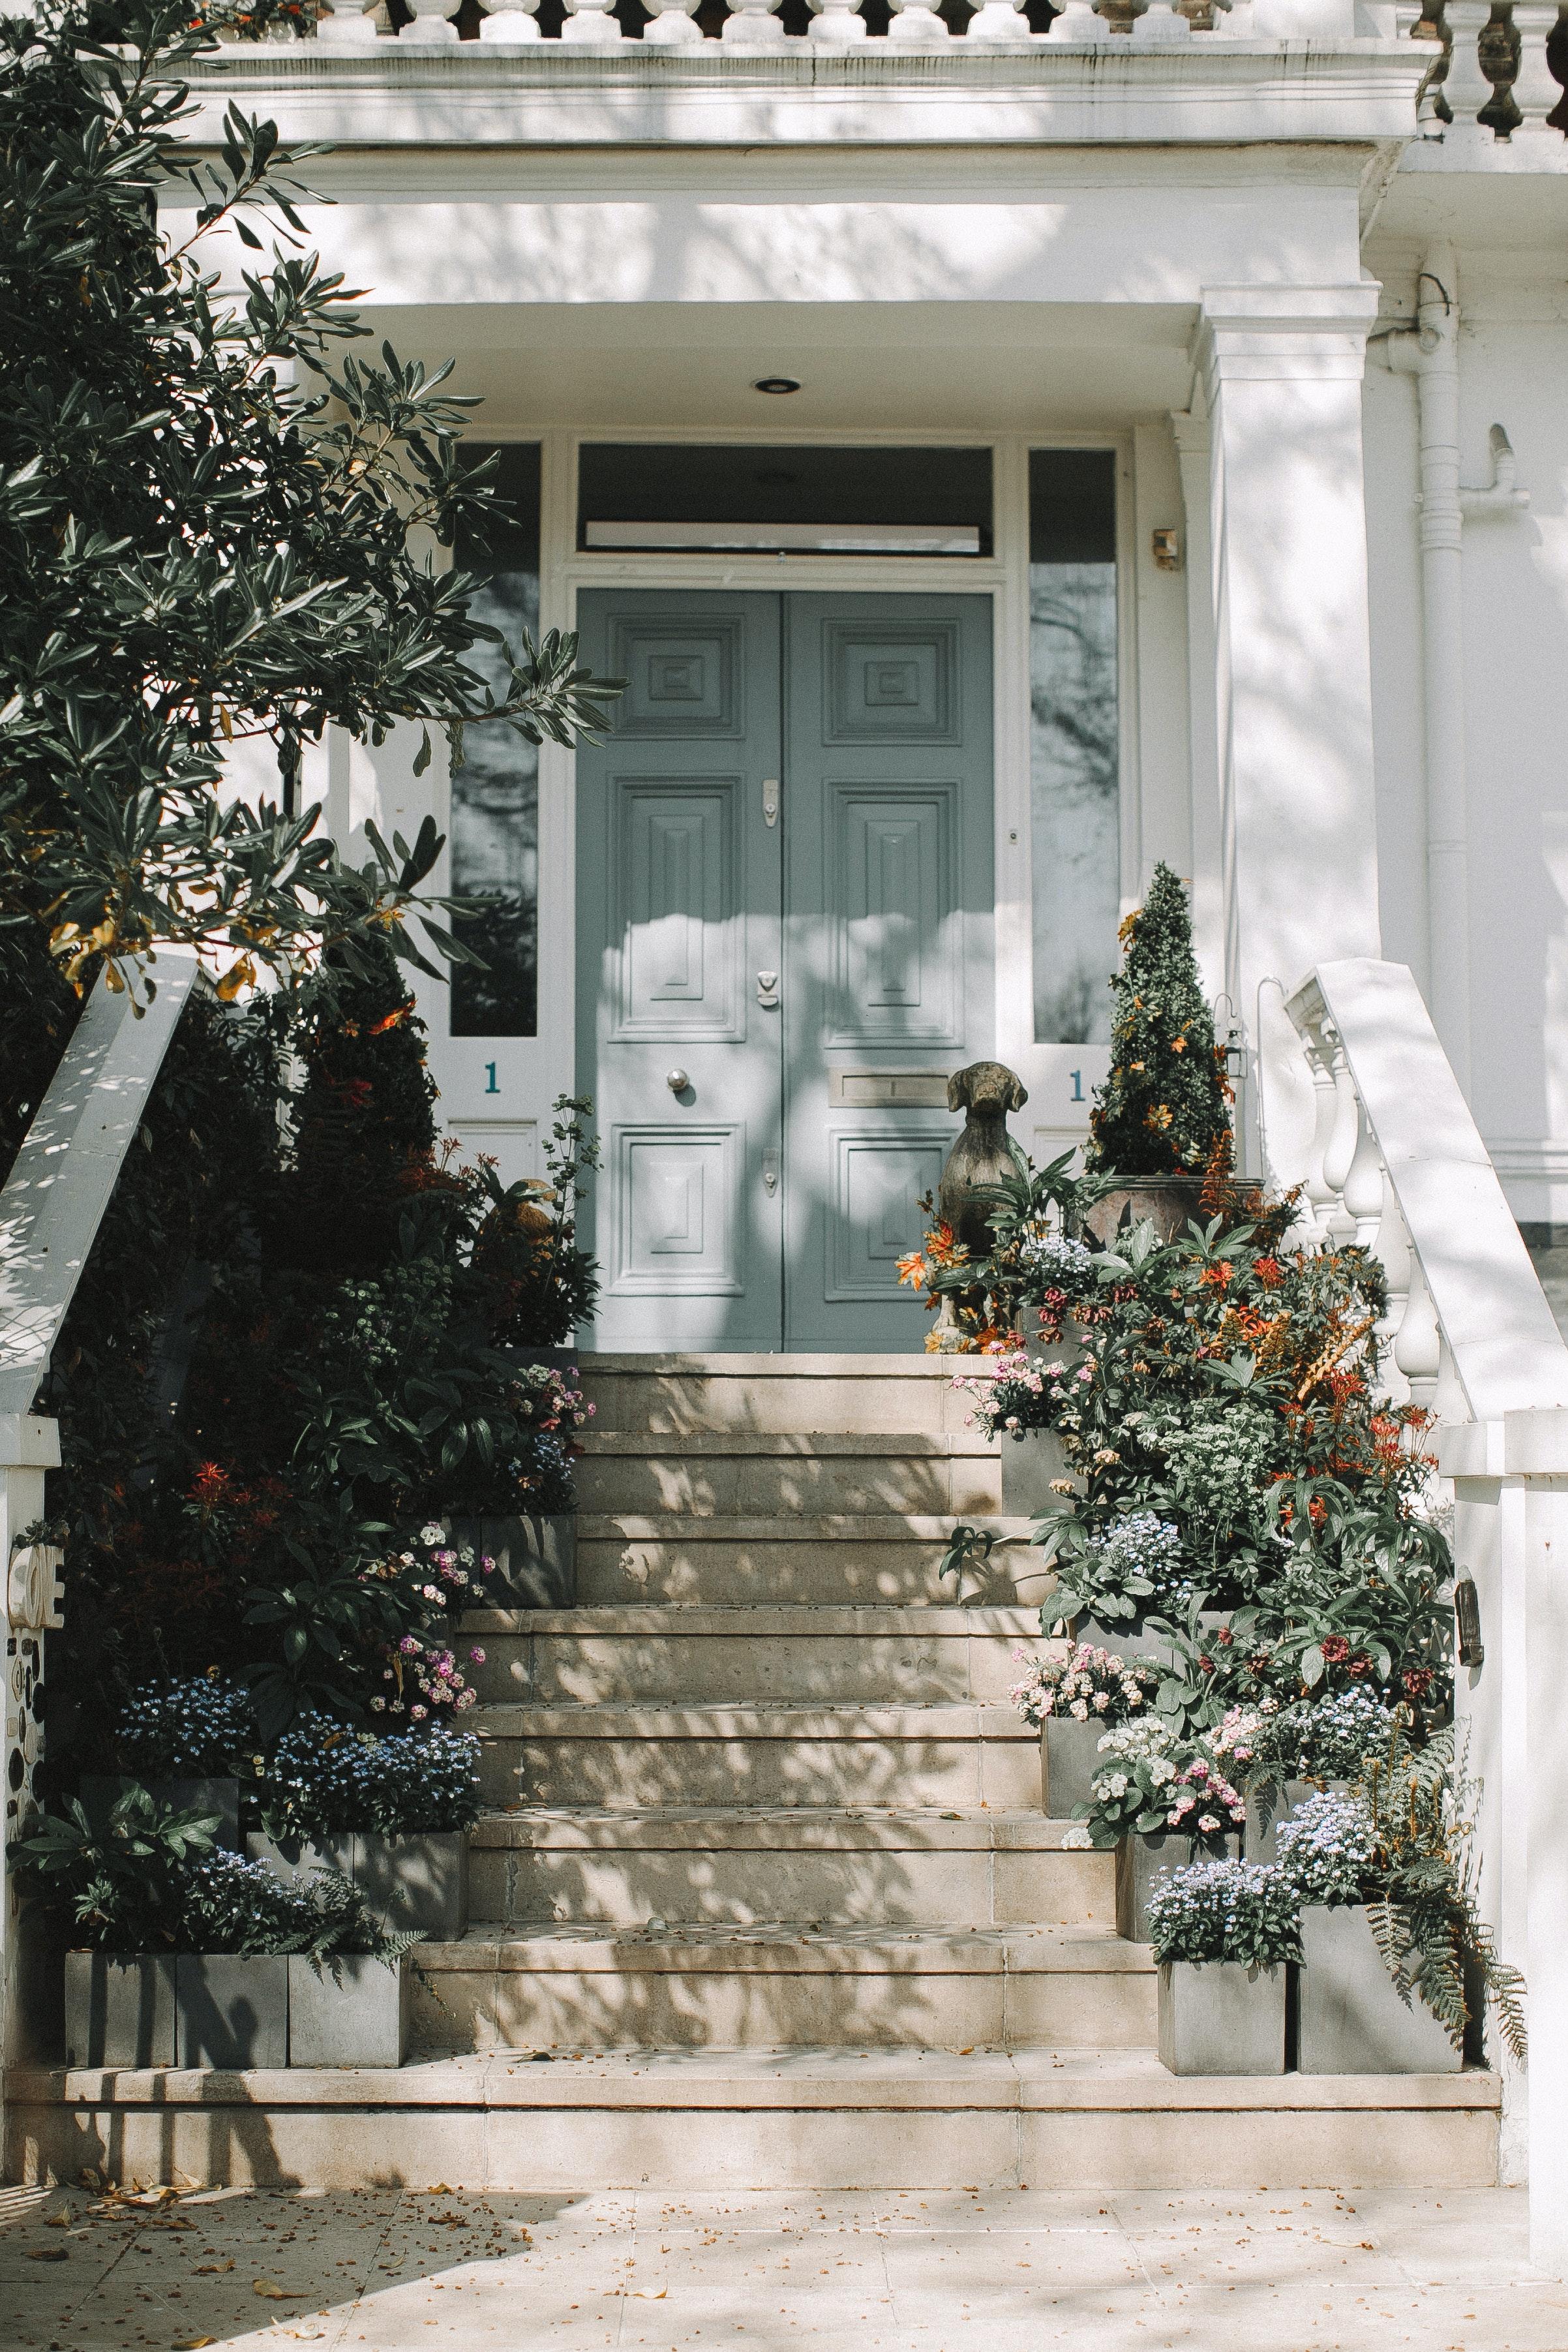 Immobilienbewertung: Was ist meine Immobilie wert?